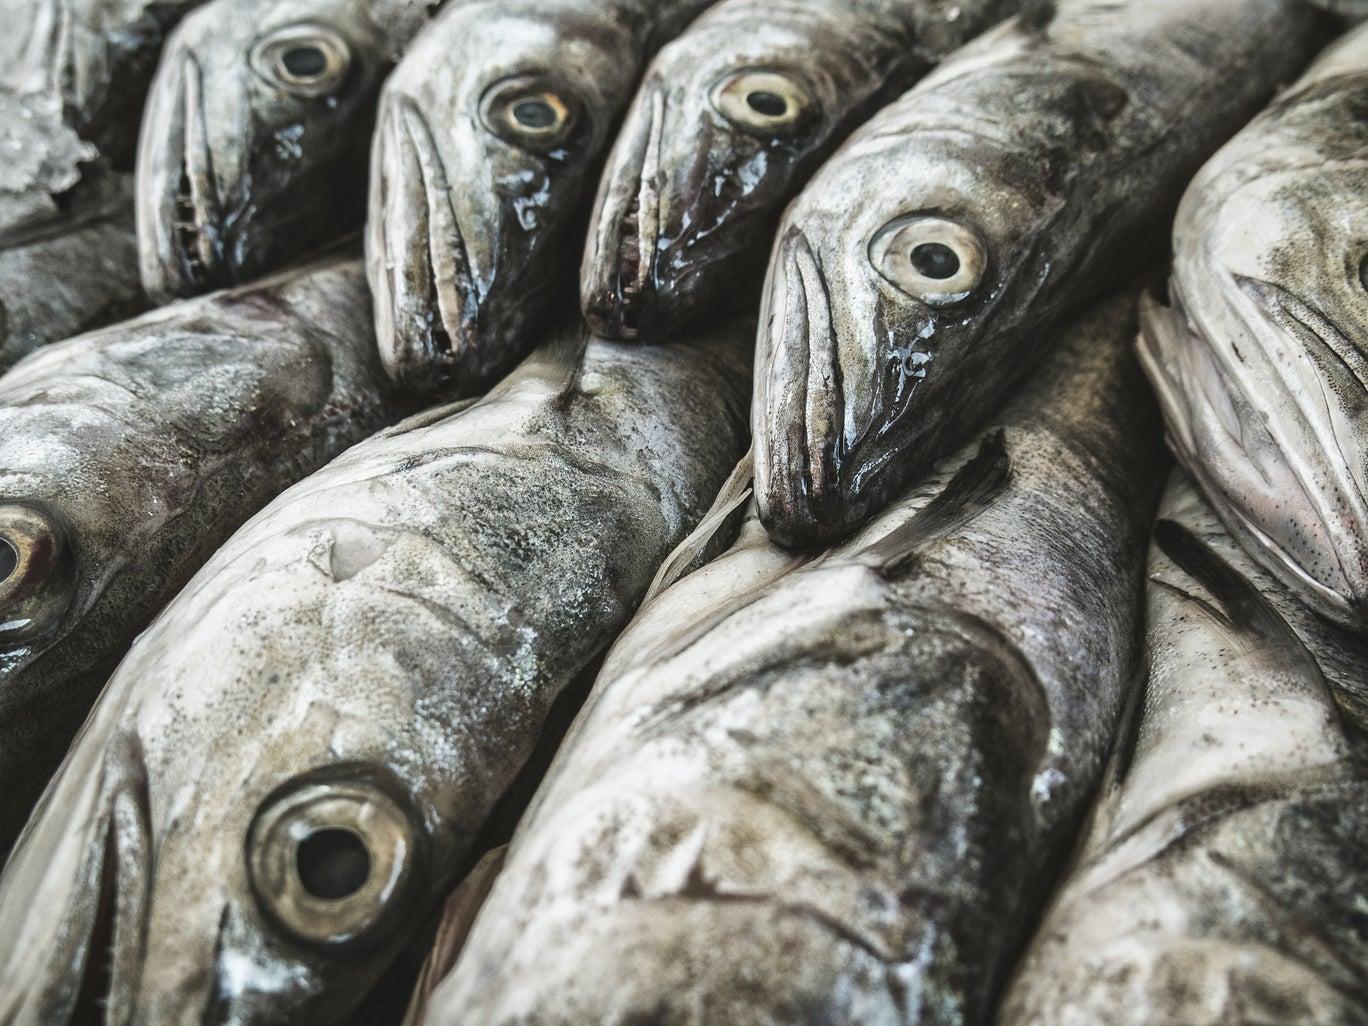 ربما تختفي الأسماك ذات يوم عن موائد مواطني المملكة المتحدة